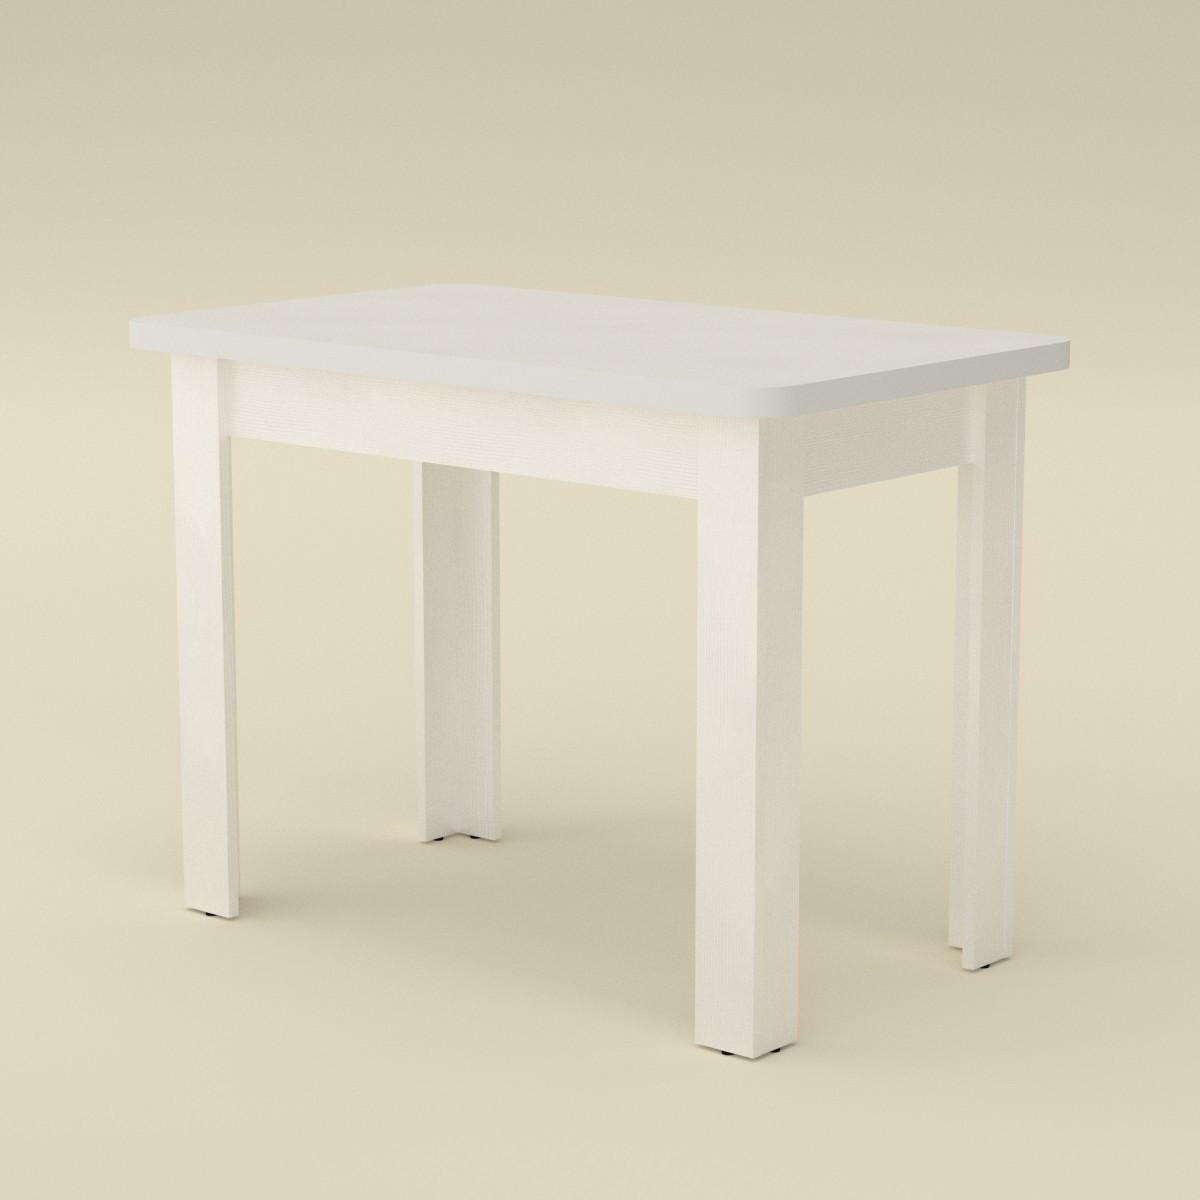 Стол кухонный КС-6 белый Компанит (100х60х74 см)